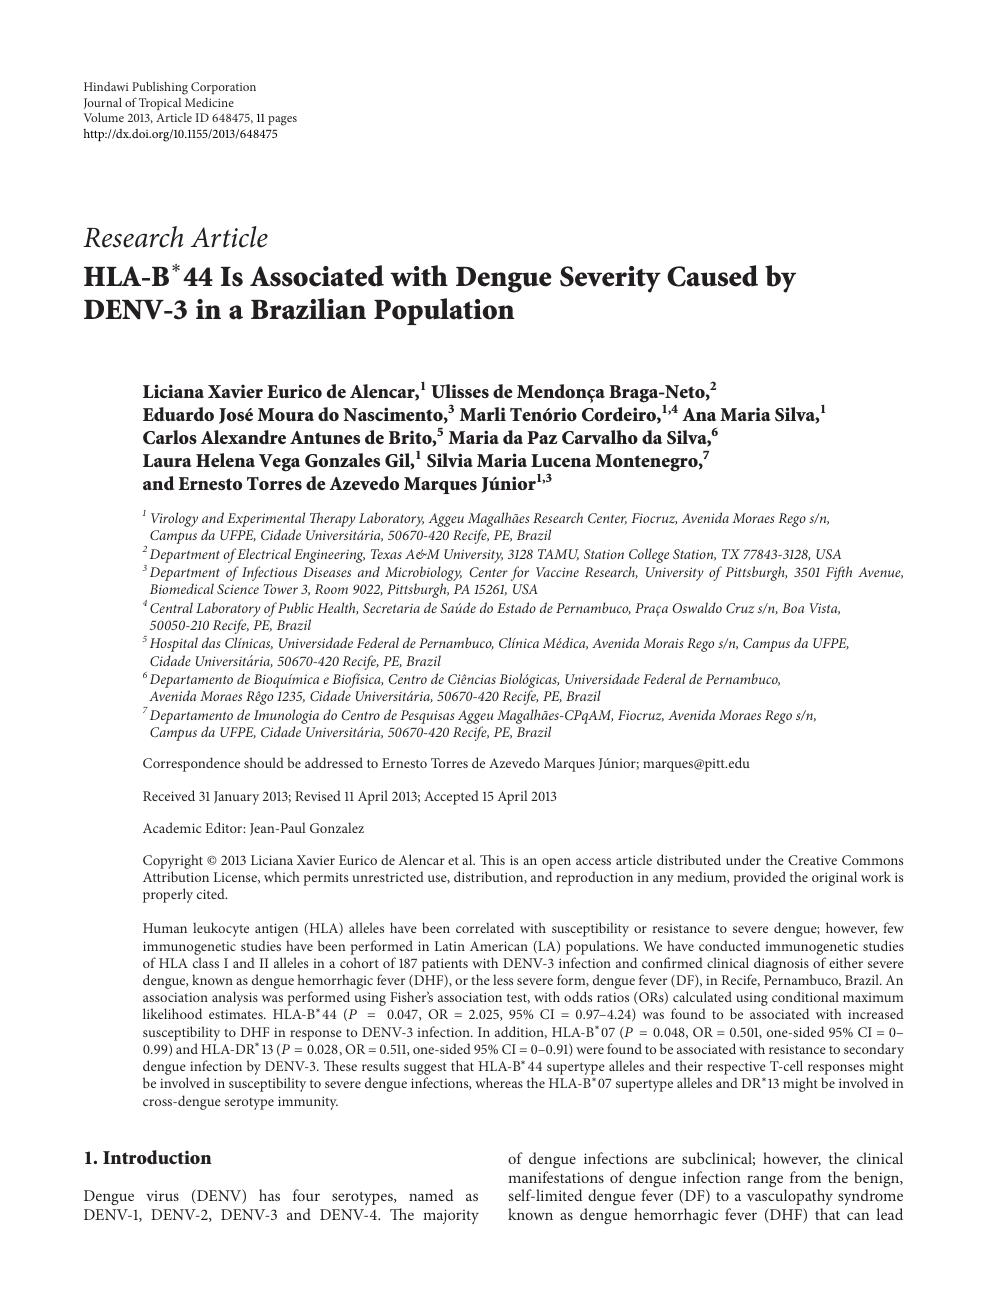 Hemorragico pdf dengue